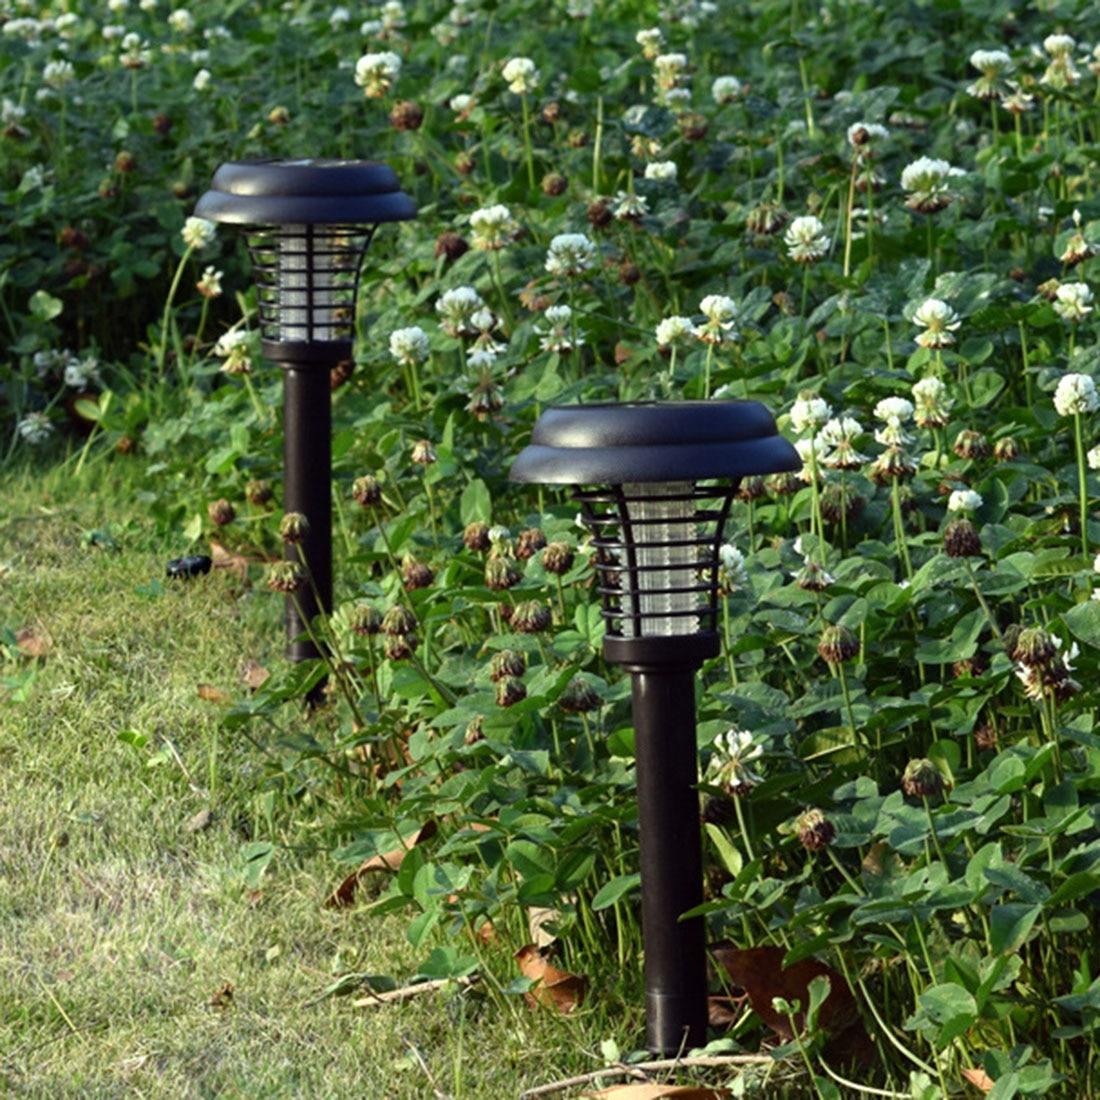 Ev ve Bahçe'ten Kovucular'de 1/2/5/10 adet LED güneş enerjili sivrisinek Zapper açık böcek öldürme lambası kovucu 2020 yeni  siyah title=